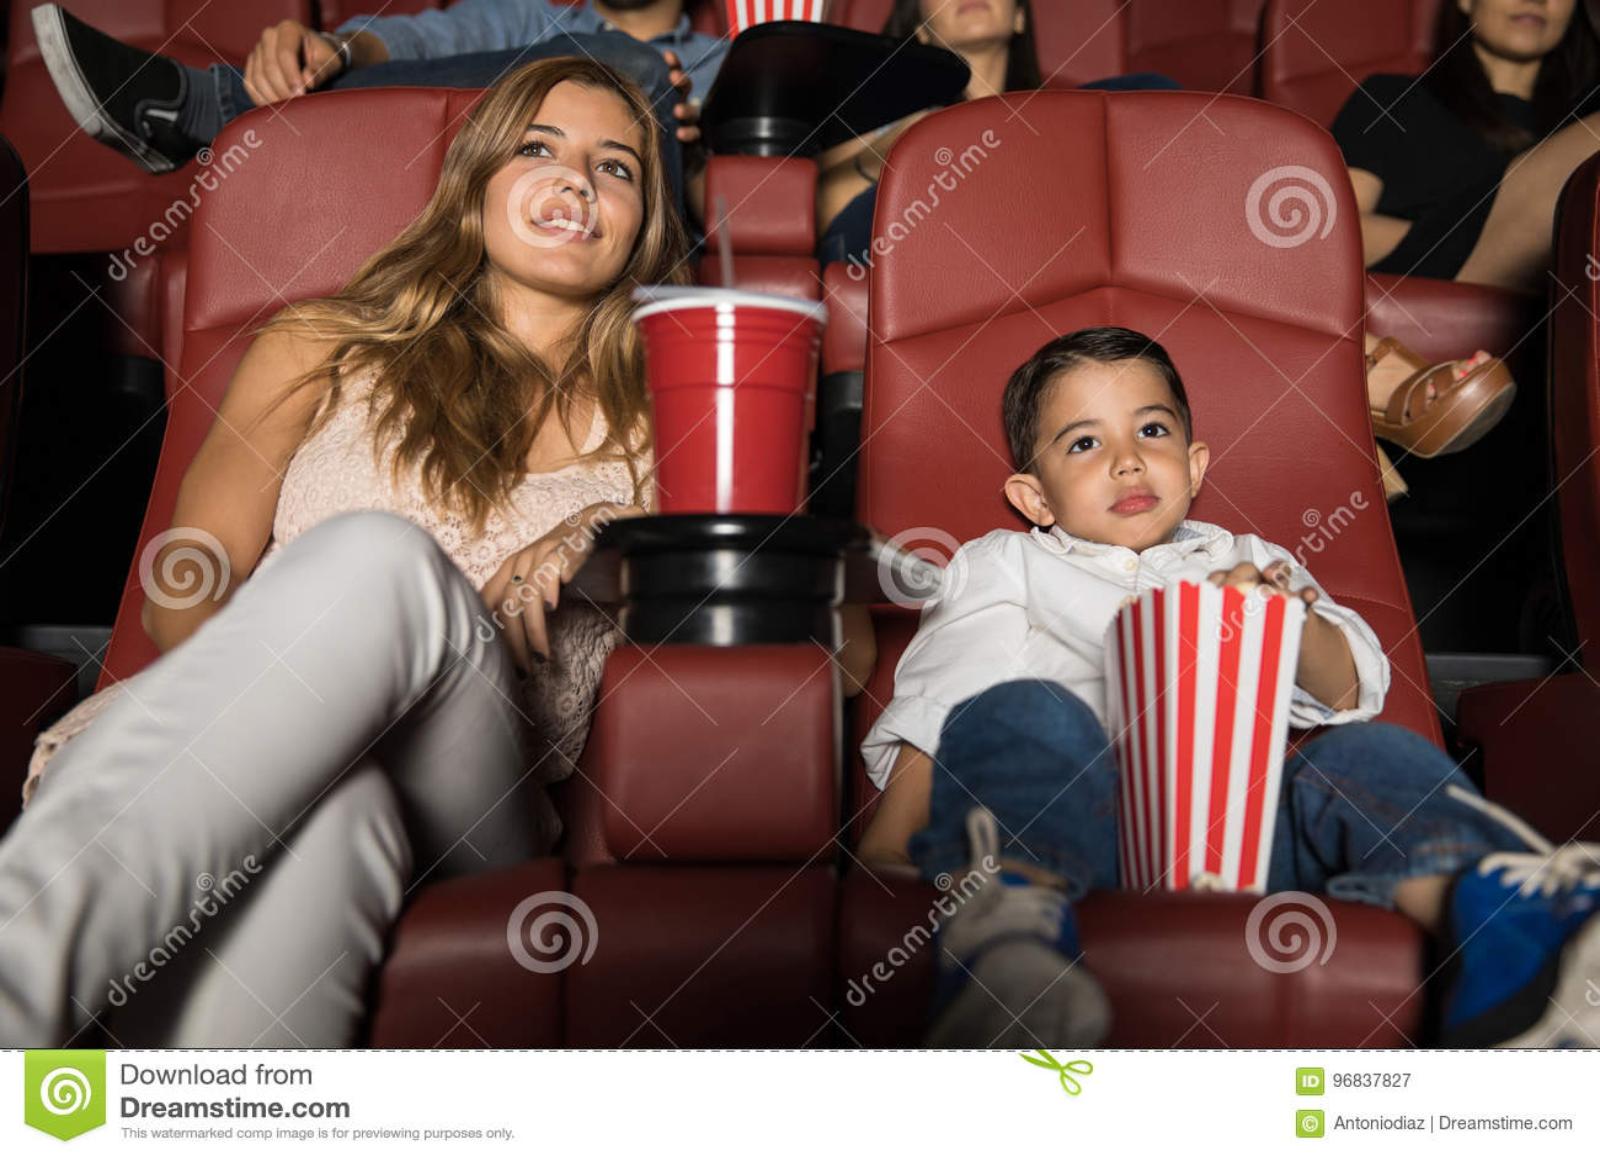 Mom Son Free Movies